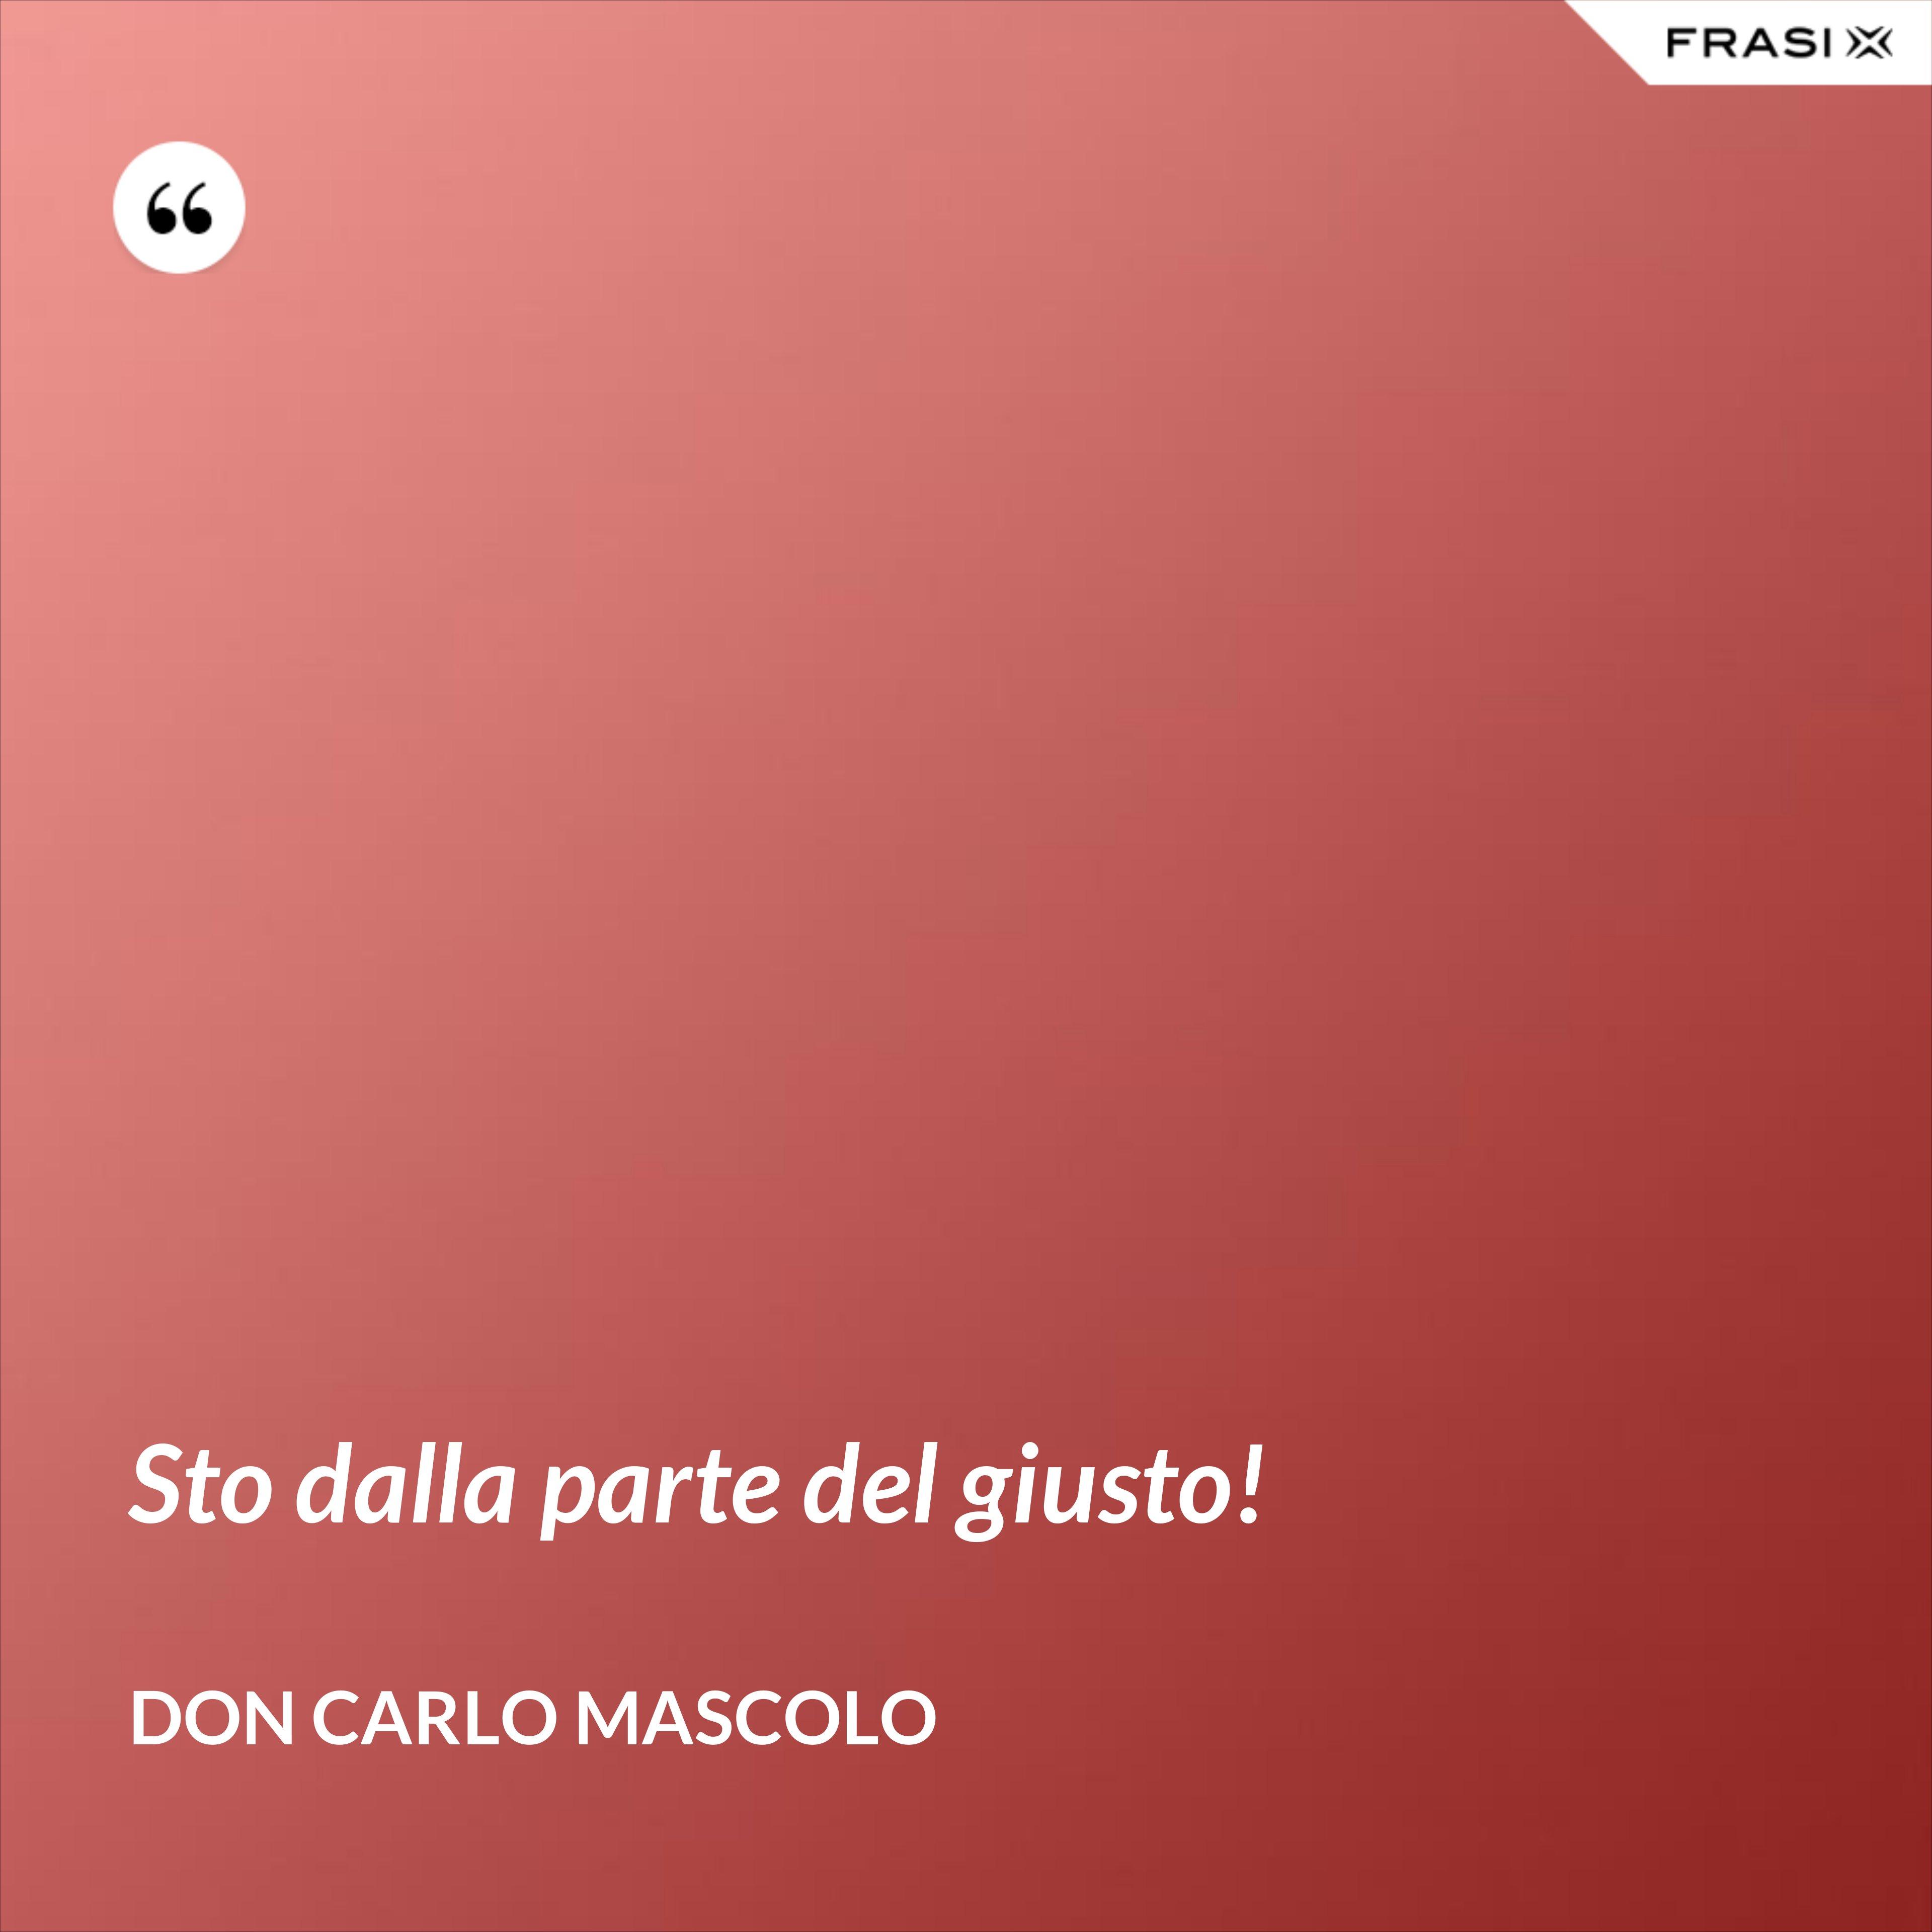 Sto dalla parte del giusto! - Don Carlo Mascolo